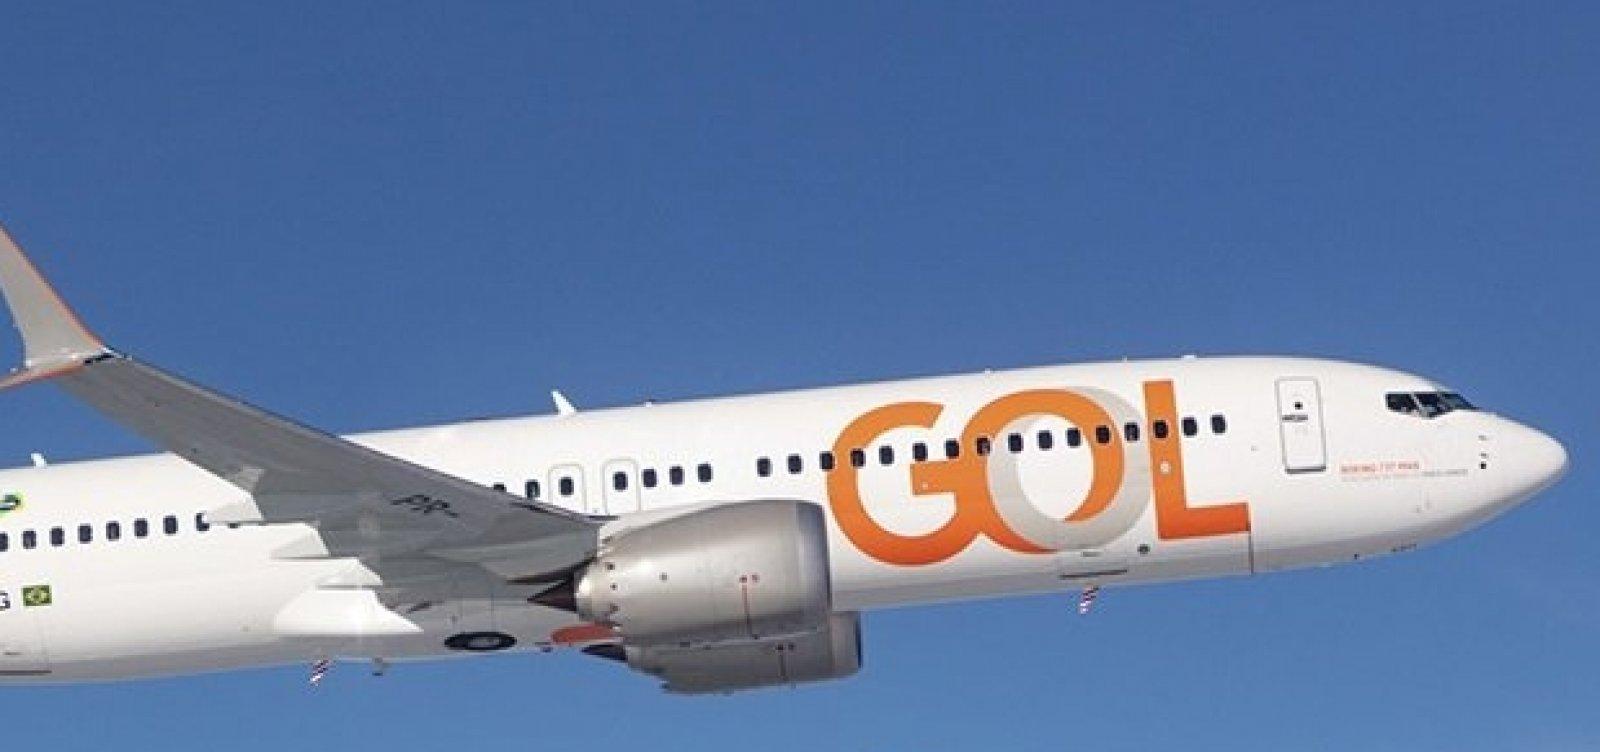 Gol esclarece o que fazer com as reservas de abril para passageiros